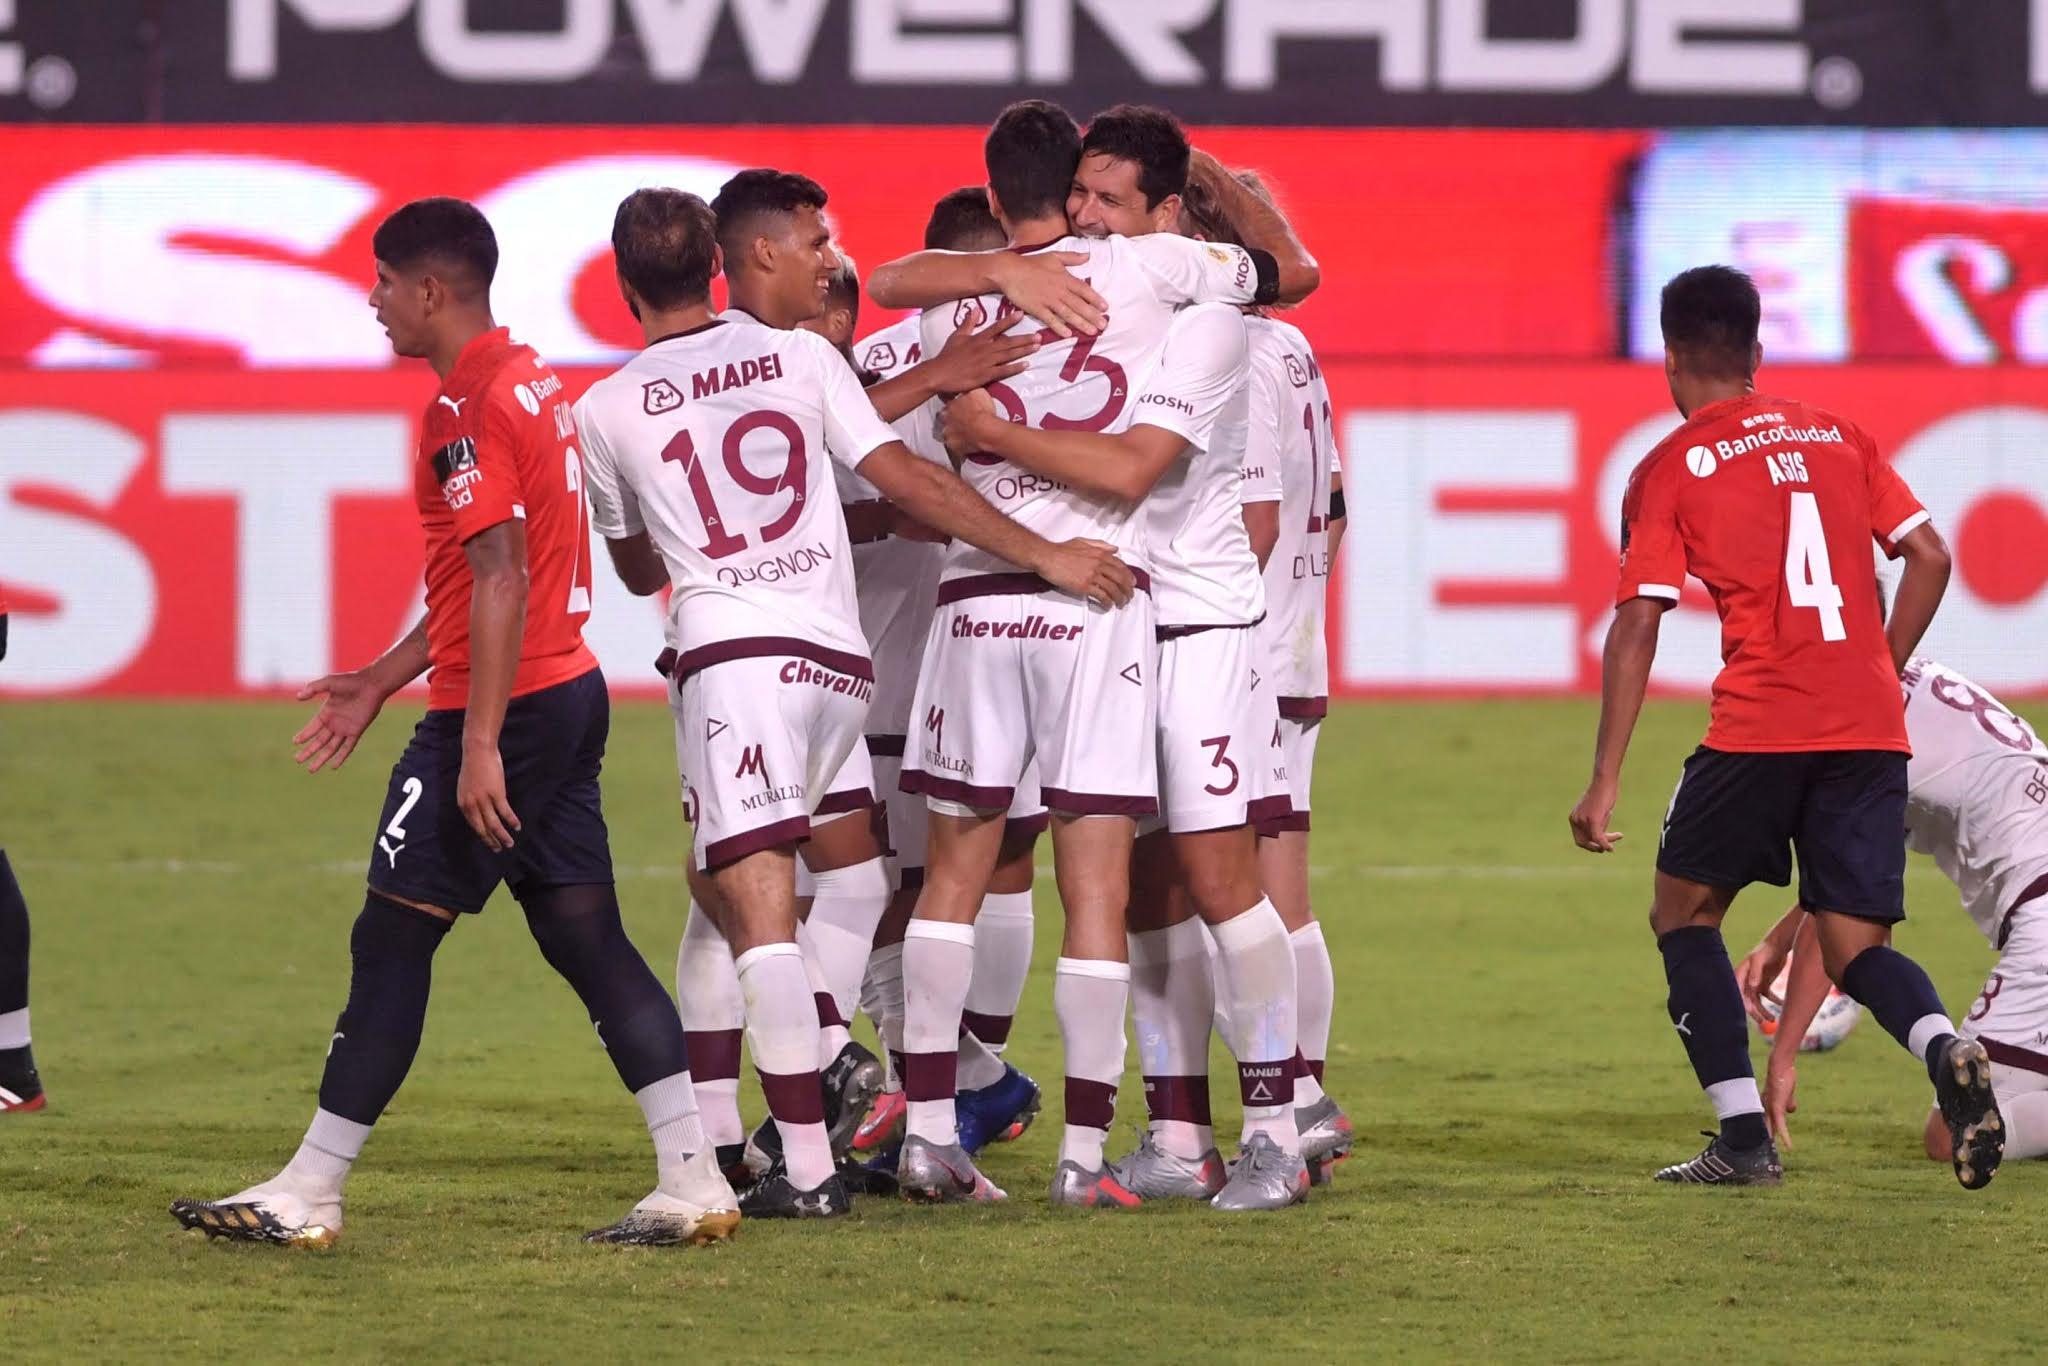 En el debut de Falcioni, Independiente no pudo con Lanús